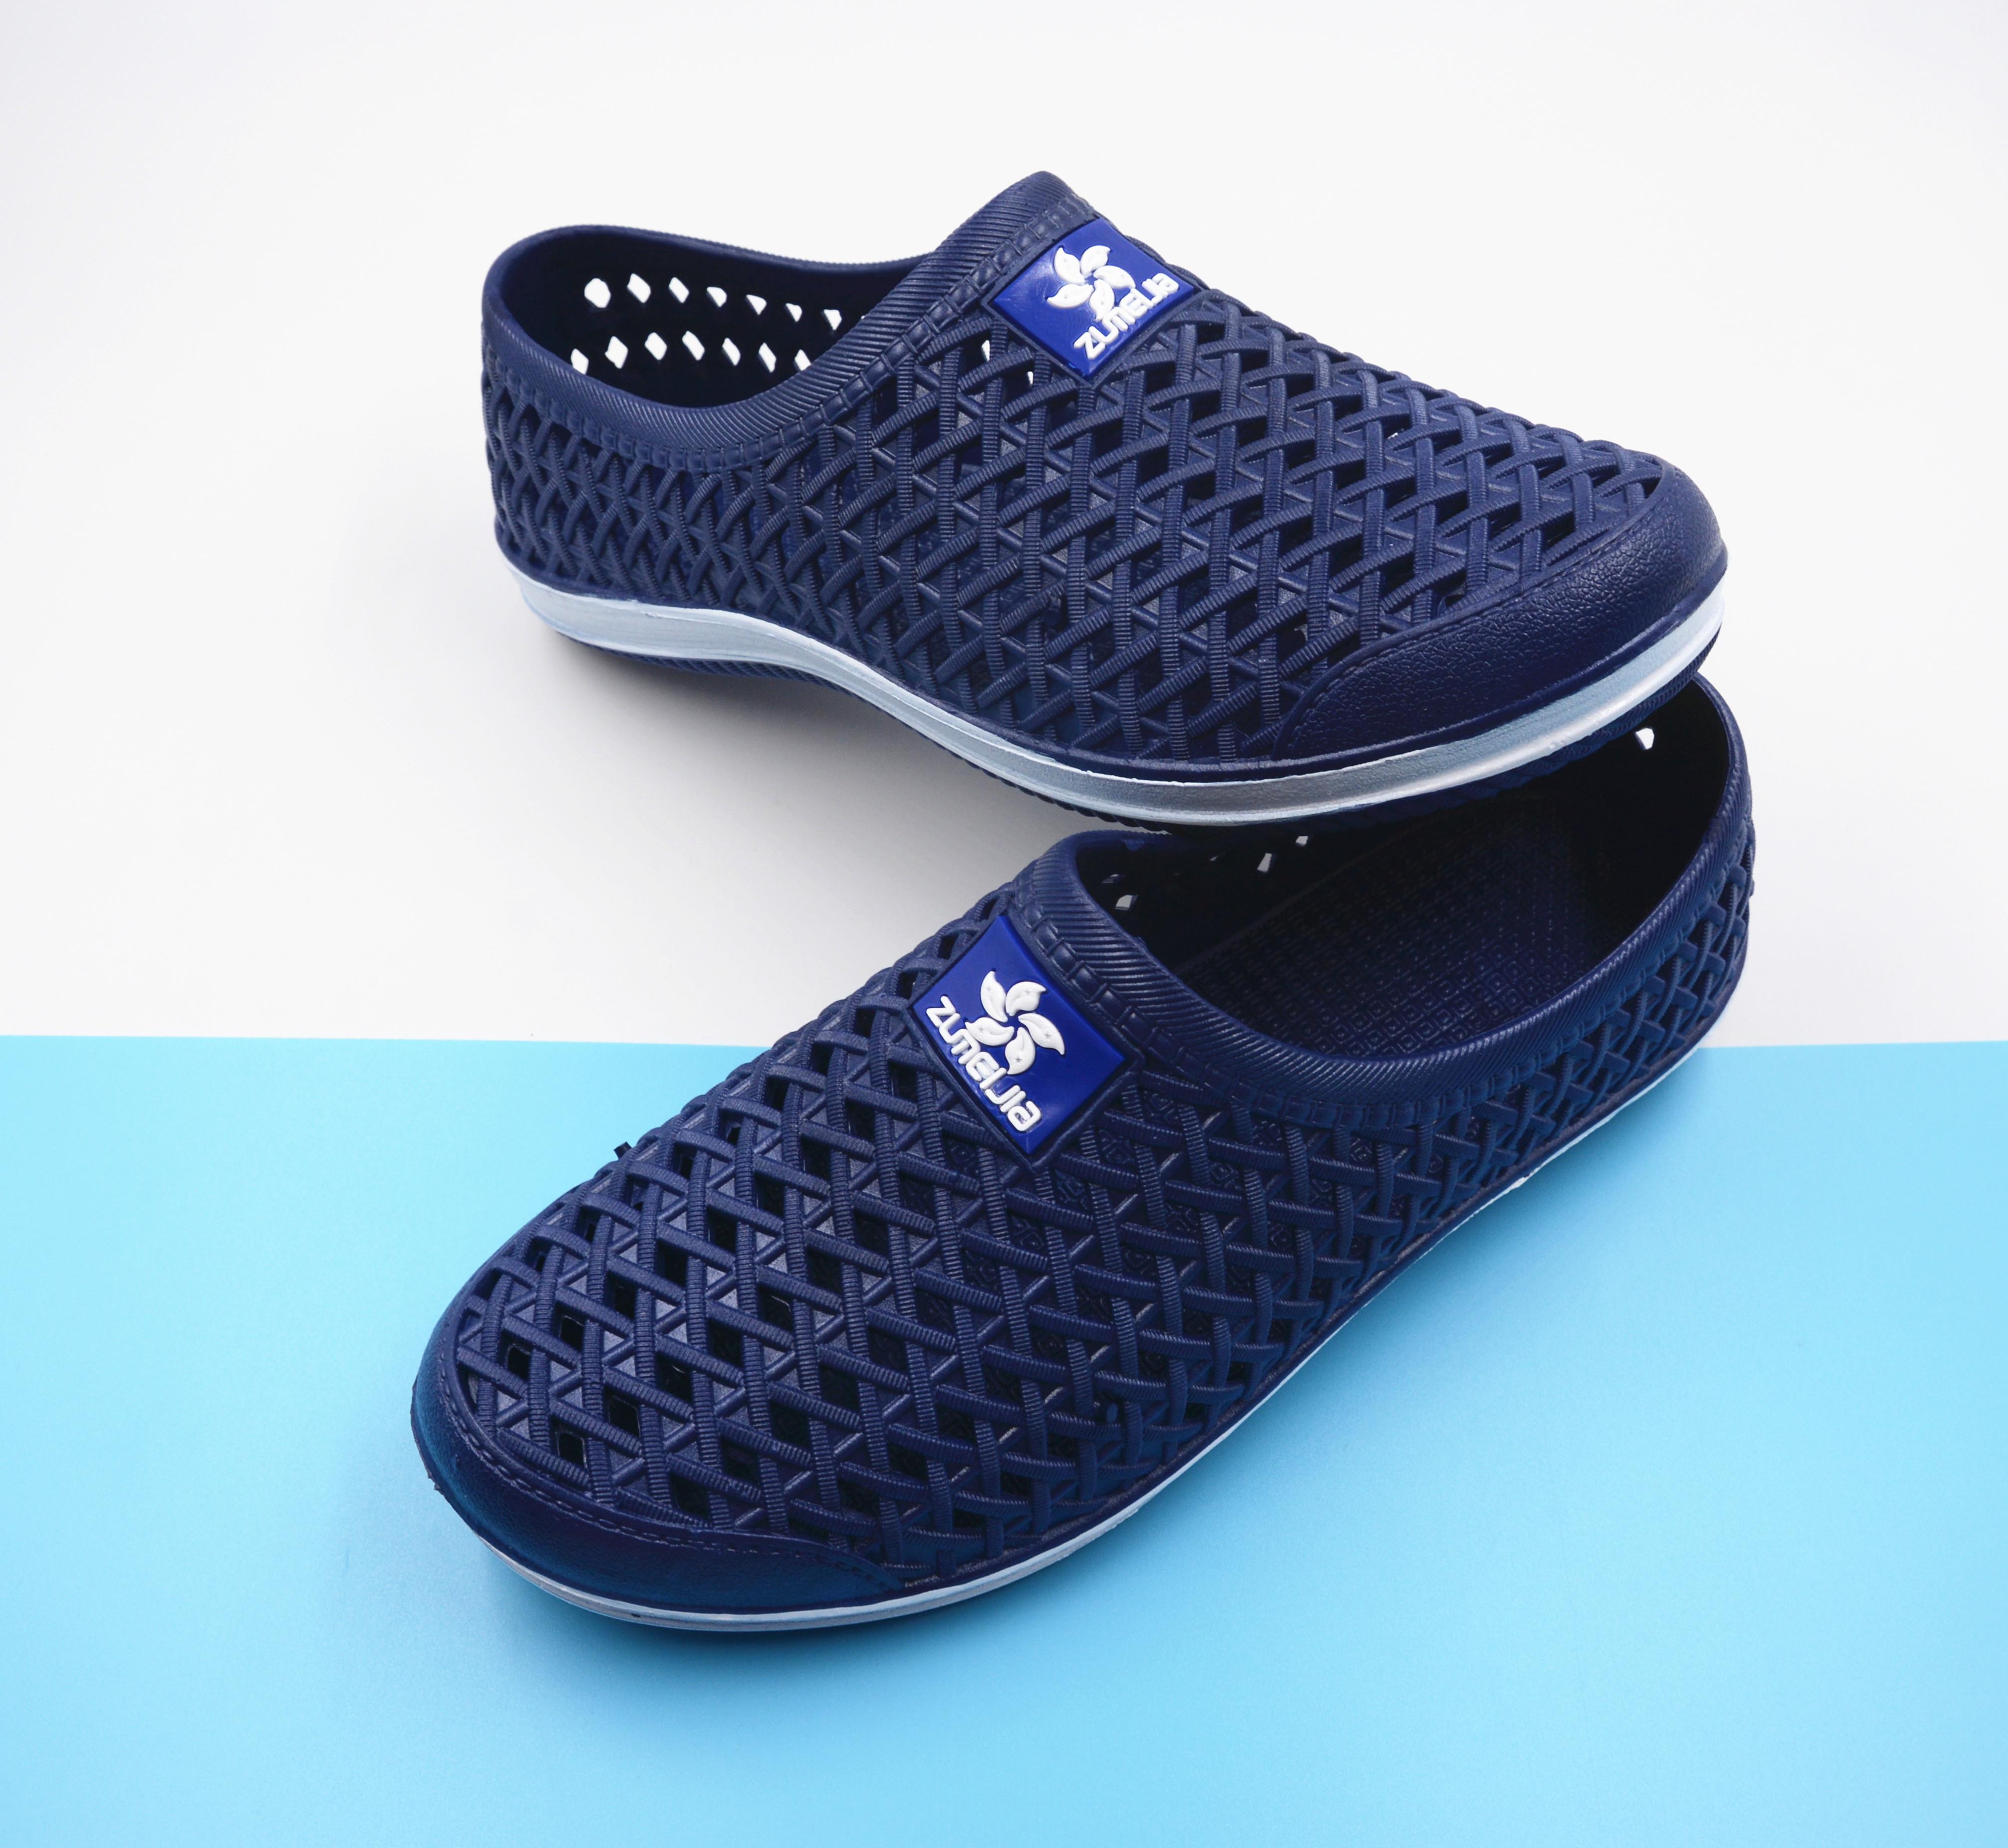 拖鞋外穿包头鞋夏季镂空透气防滑洞洞沙滩时尚男凉鞋潮流软底学生